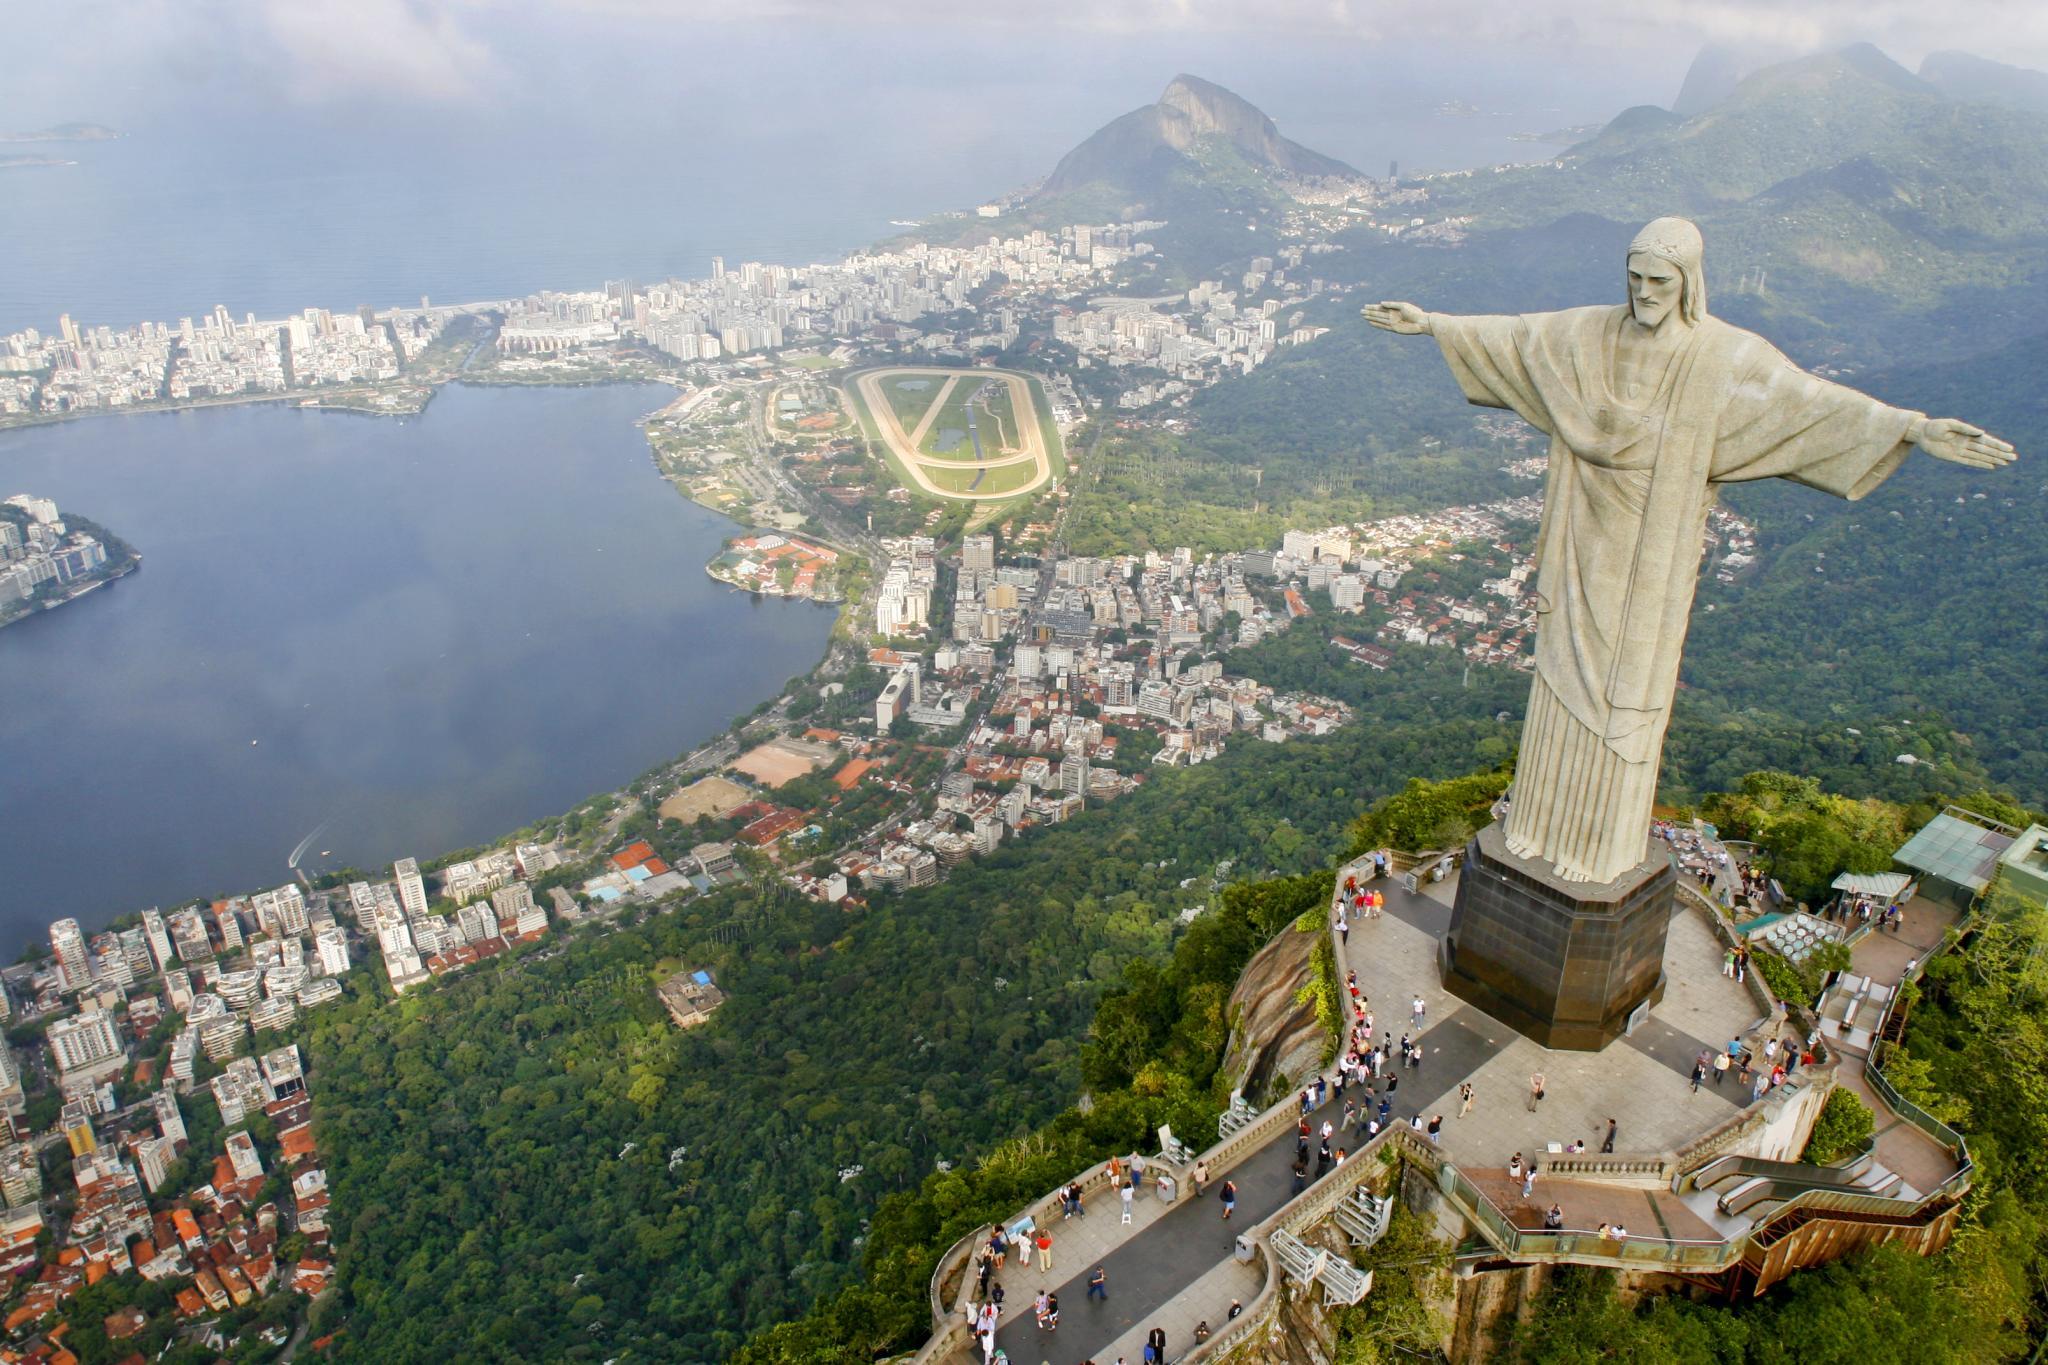 Le Christ RÇdempteur et sa vue panoramique sur Rio- Photo Pedro KirilosRiotur